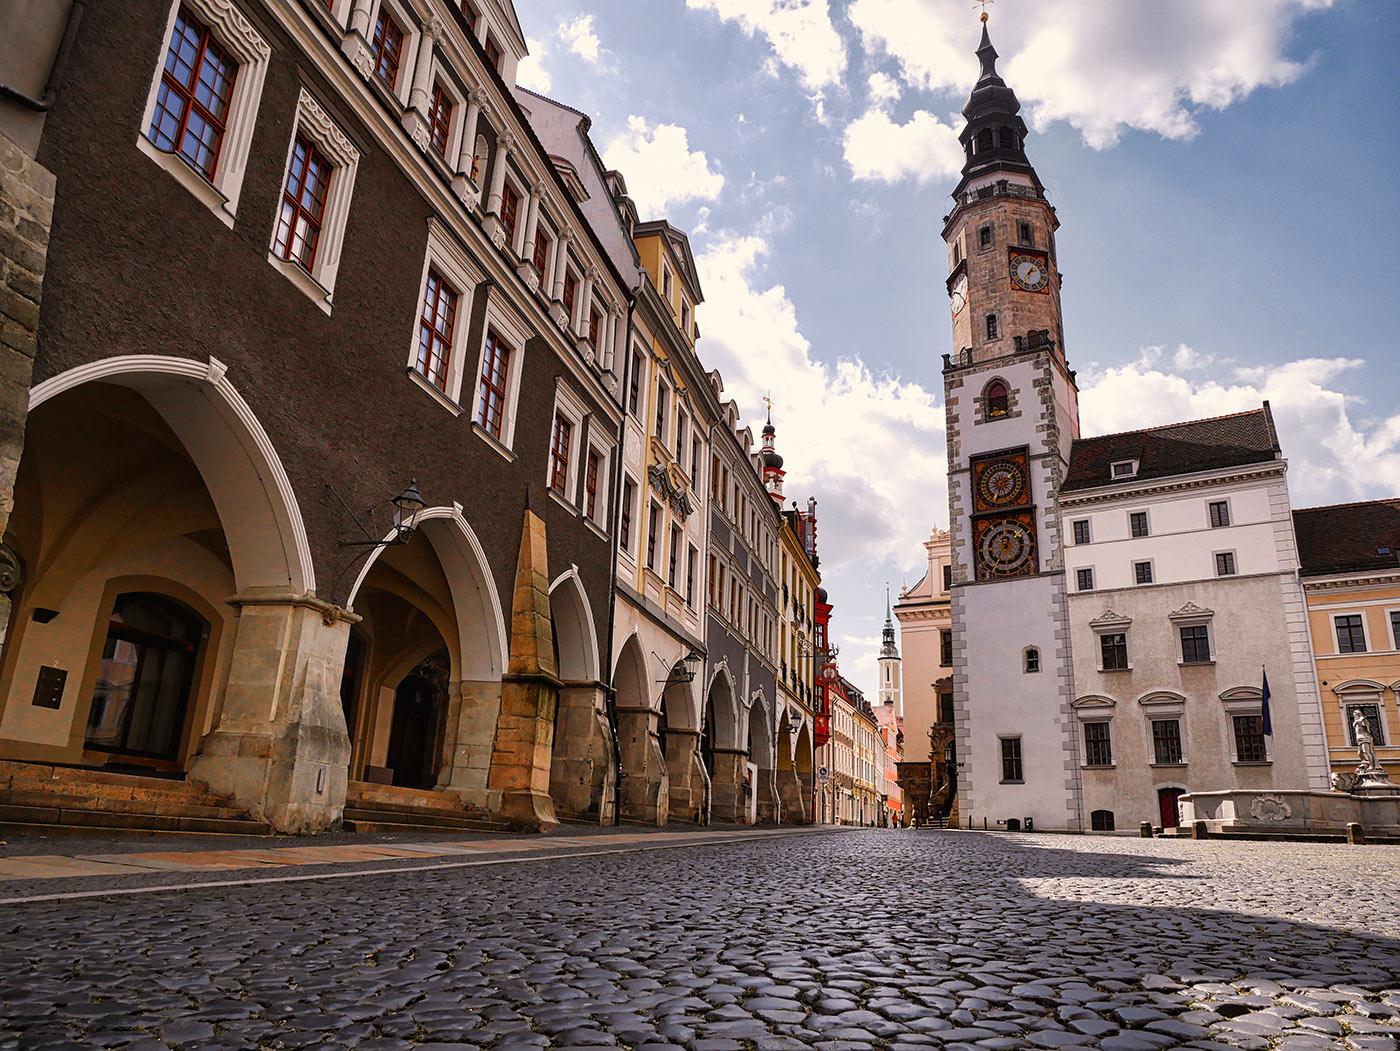 Rathausturm Untermarkt Goerlitz